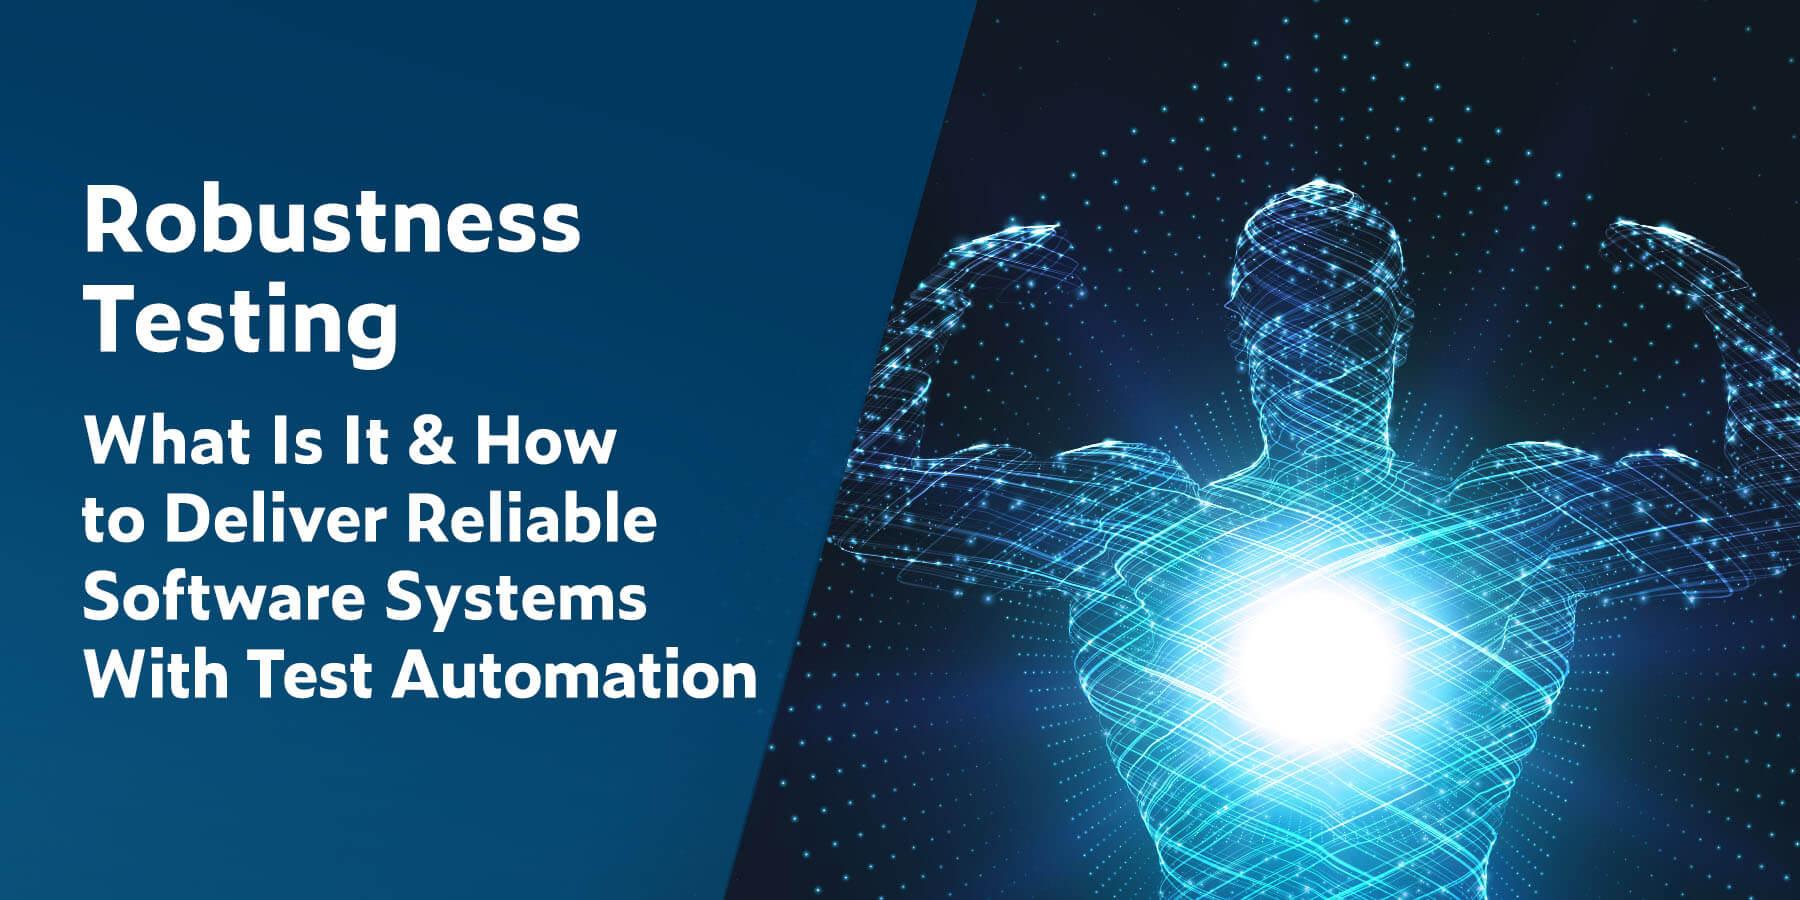 Pruebas de robustez: qué es y cómo ofrecer sistemas de software confiables con automatización de pruebas